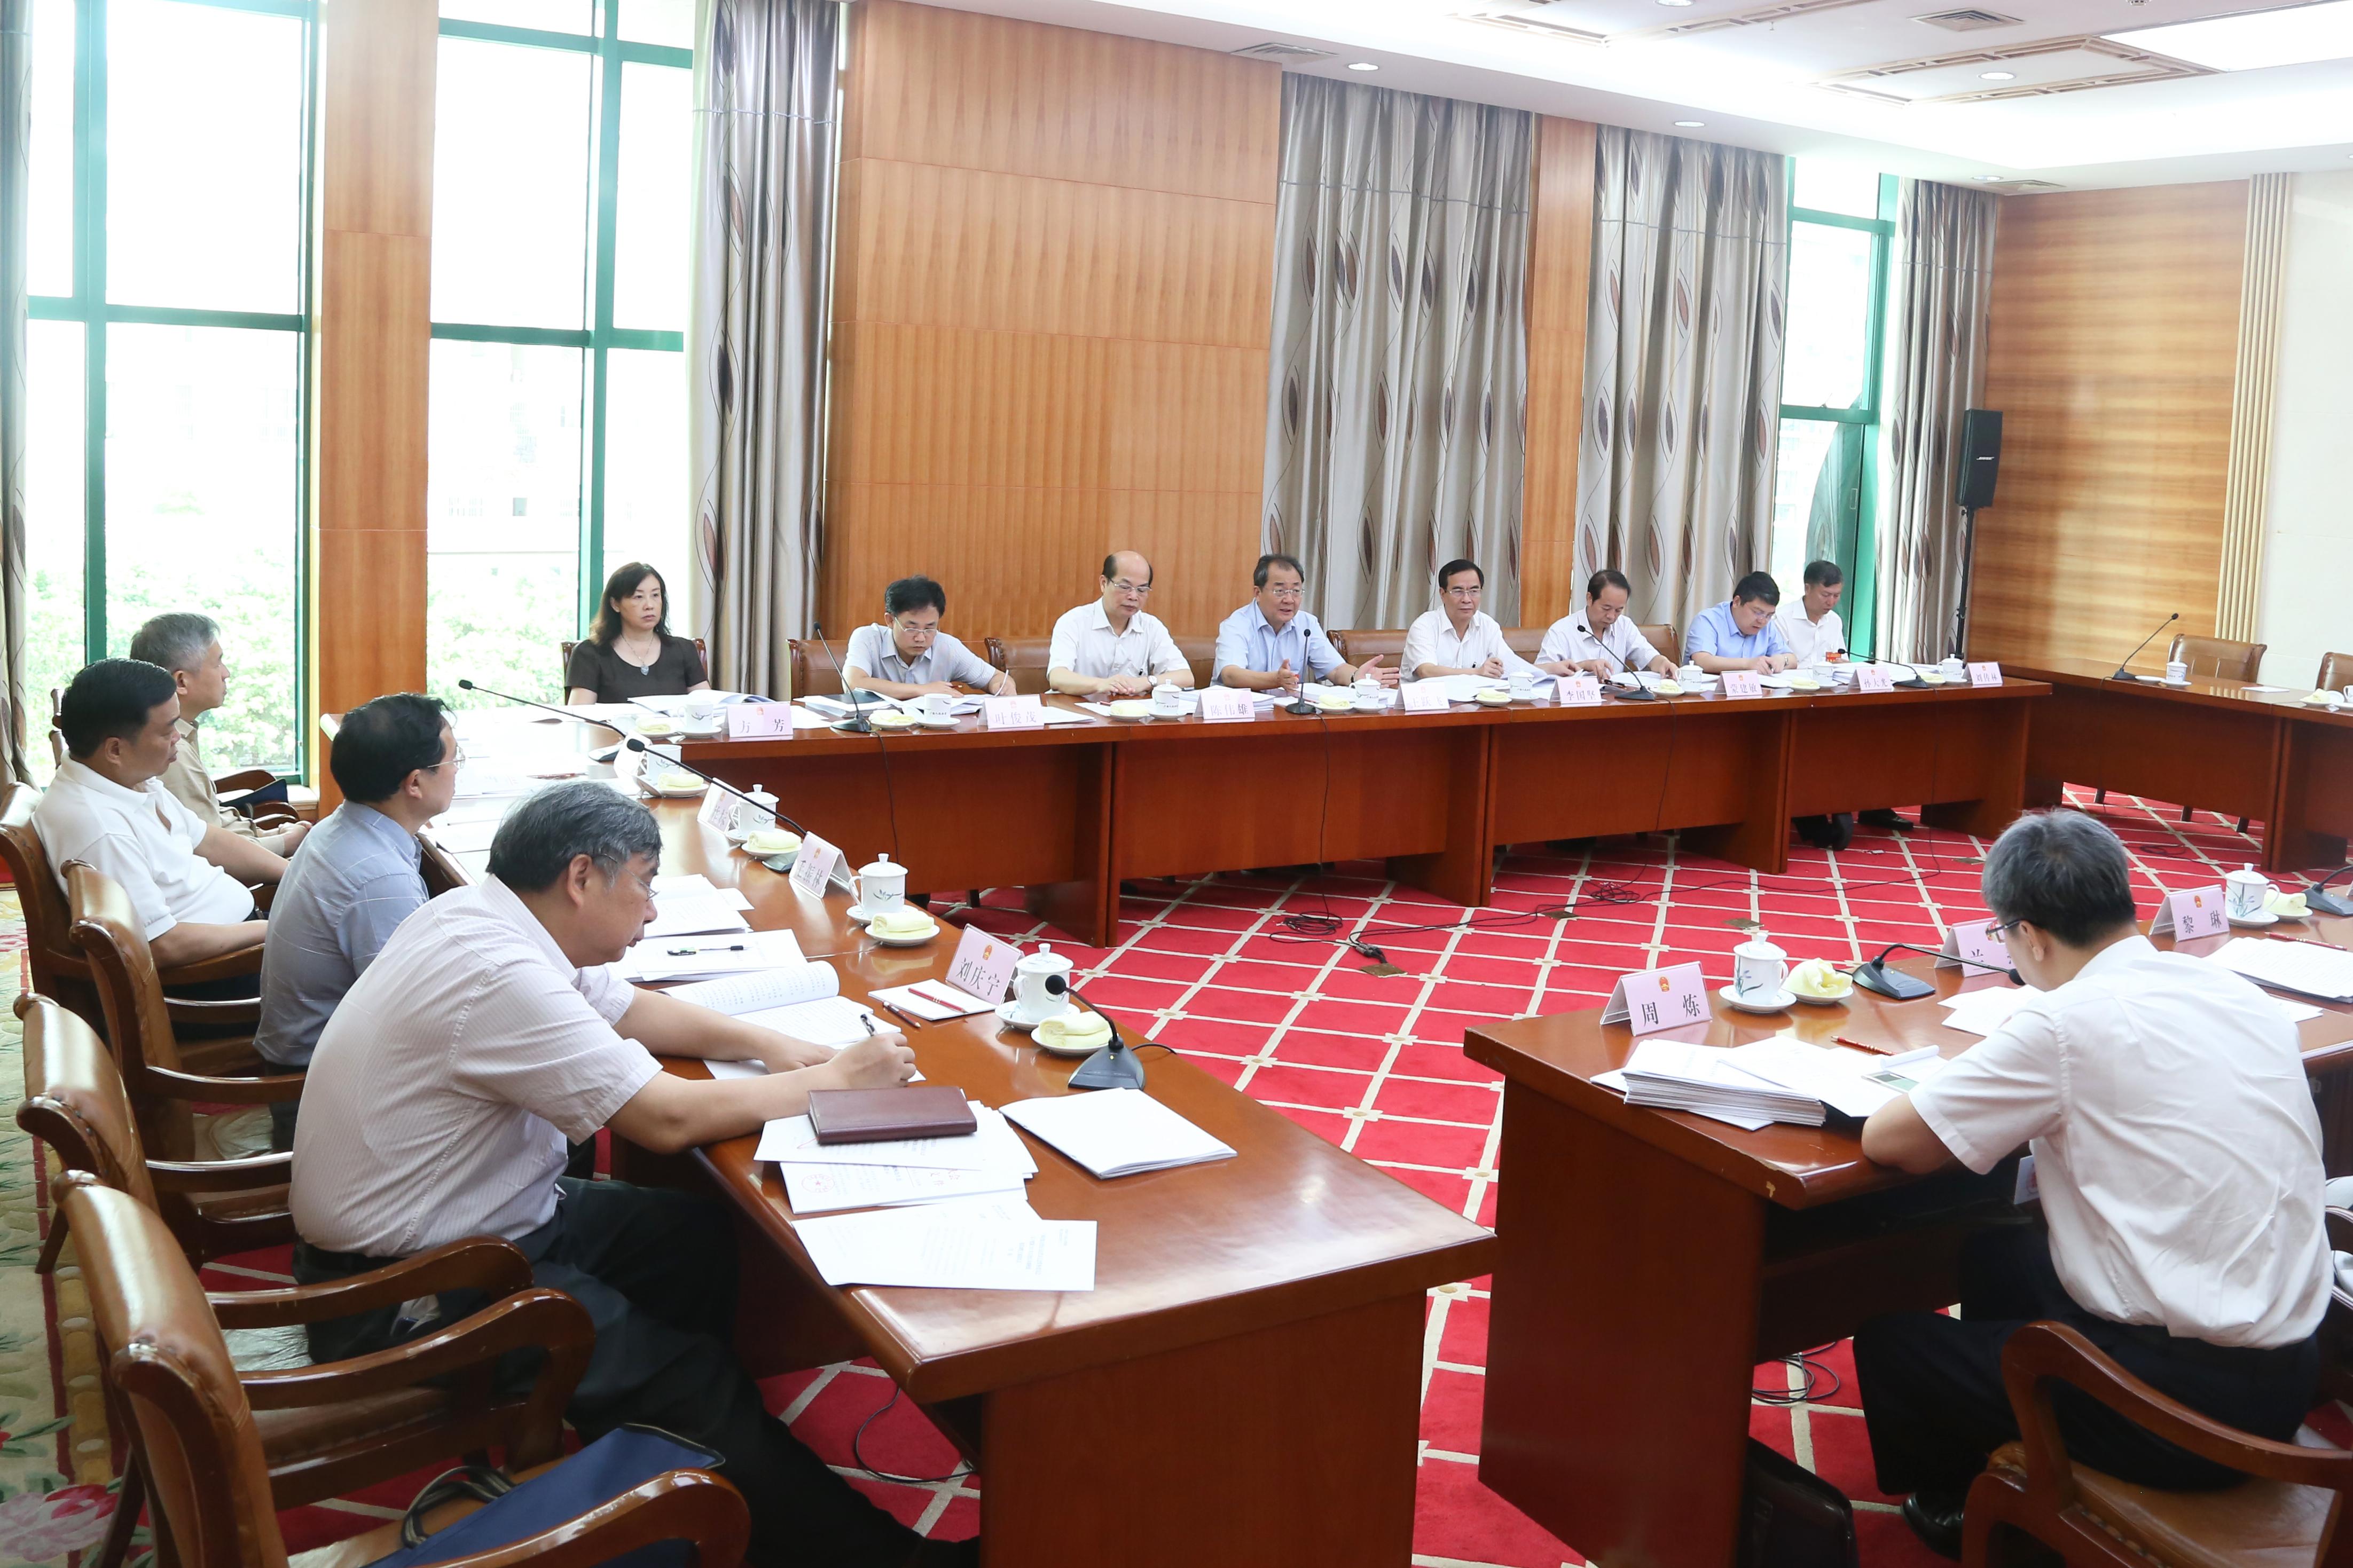 自治区十三届人大常委会第三次会议5月30日上午召开分组会议